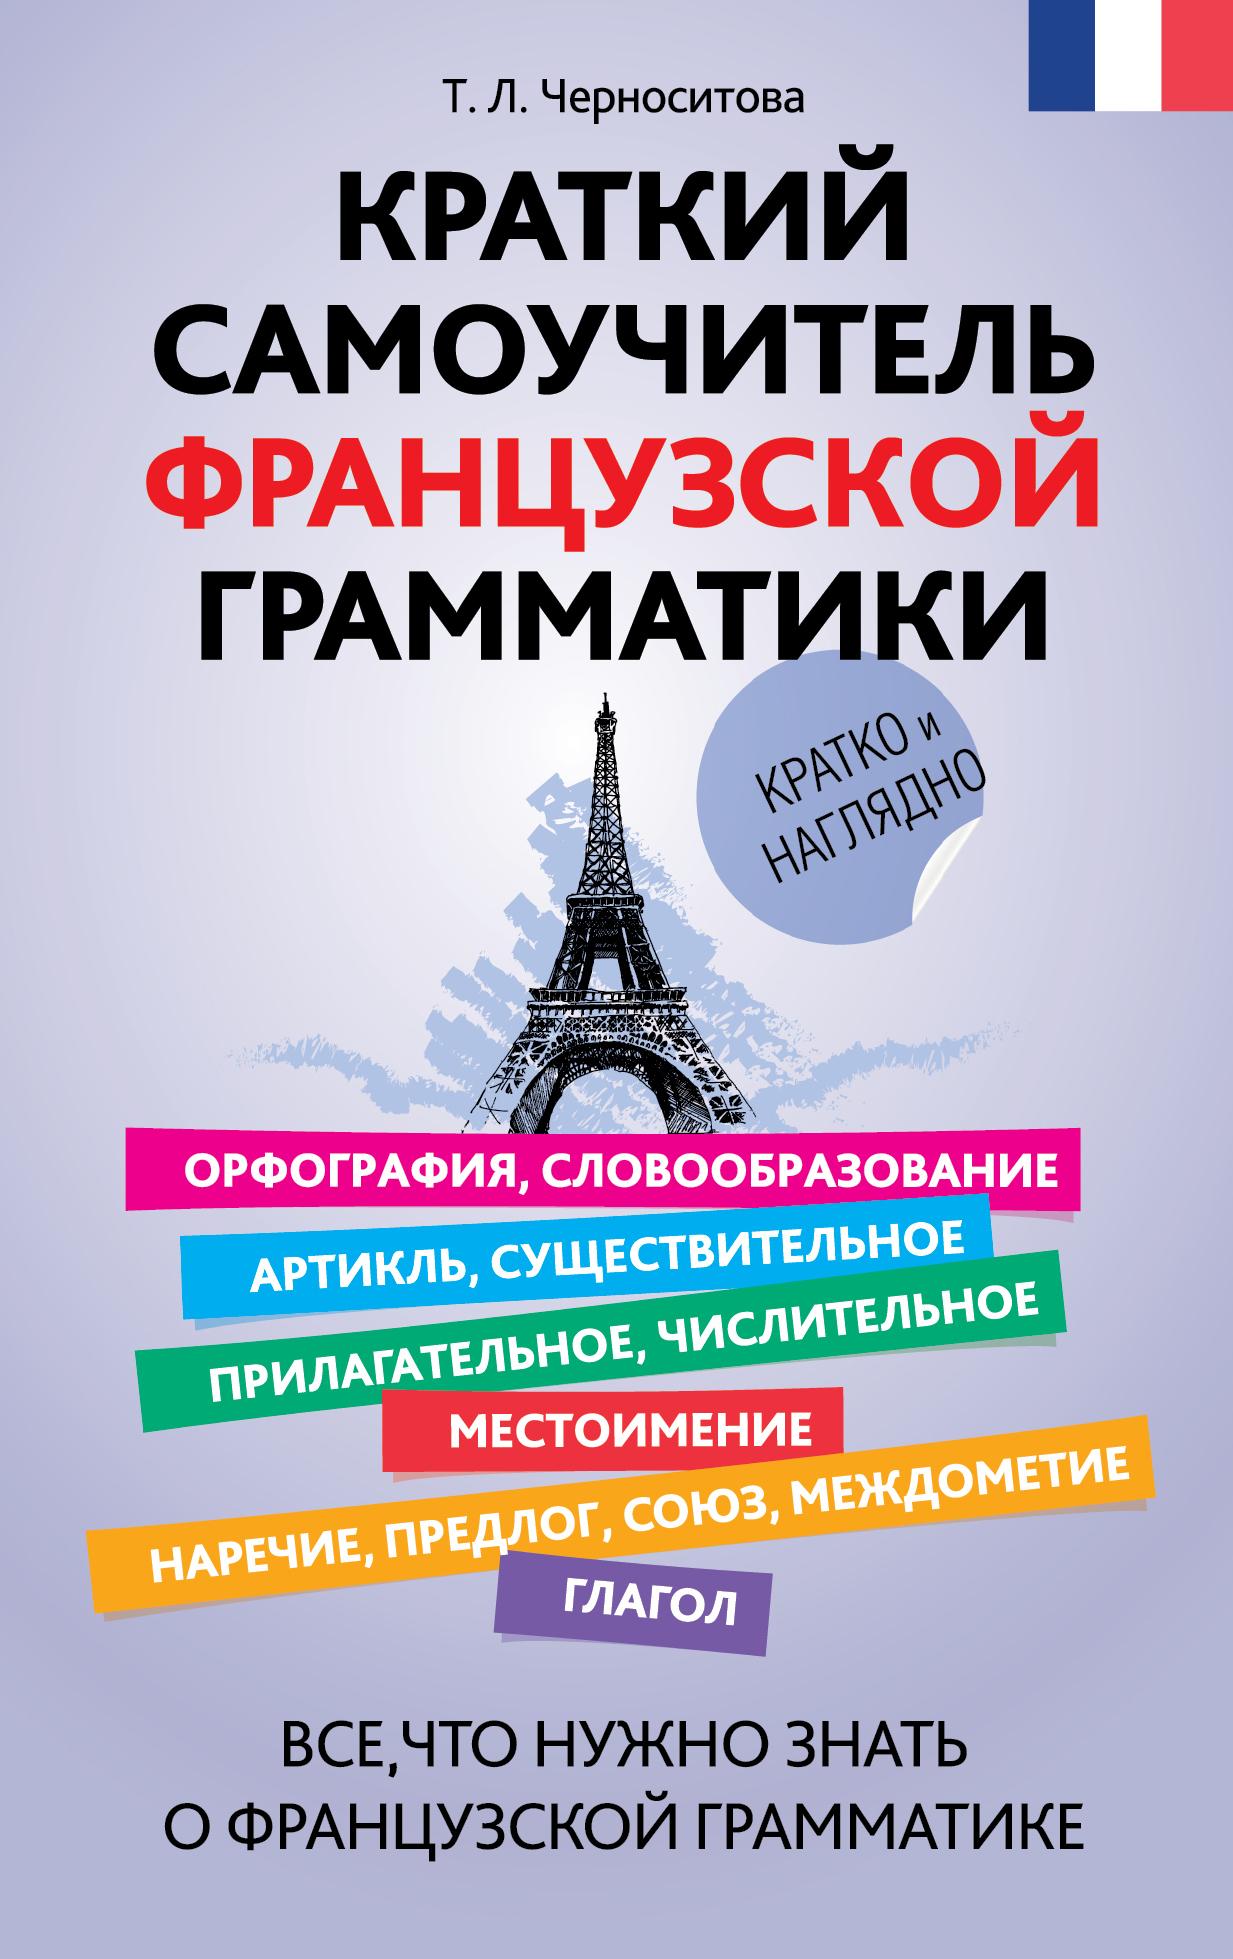 Краткий самоучитель французской грамматики